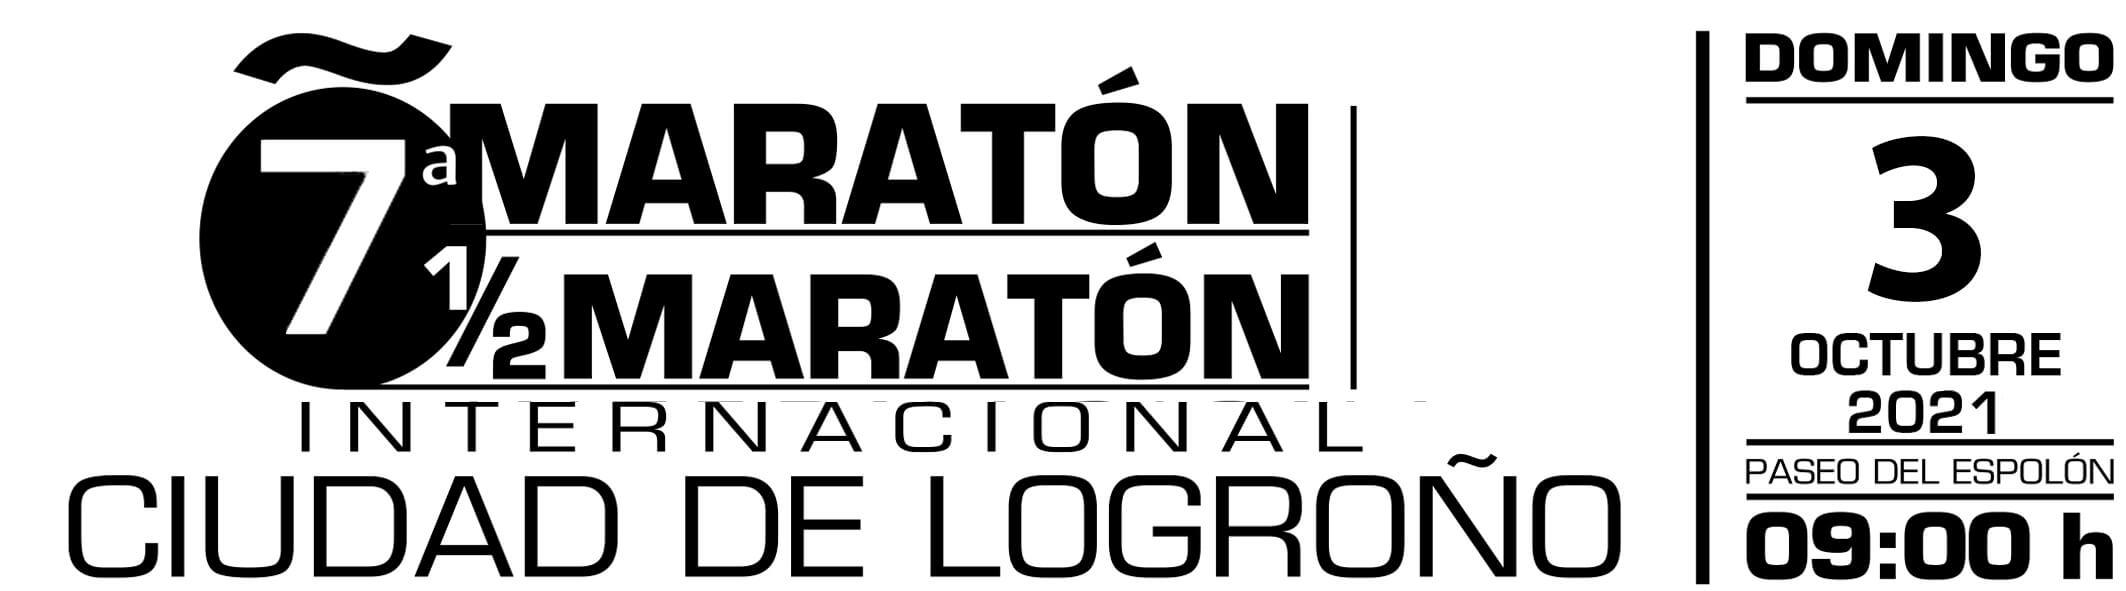 maraton logroño 2021